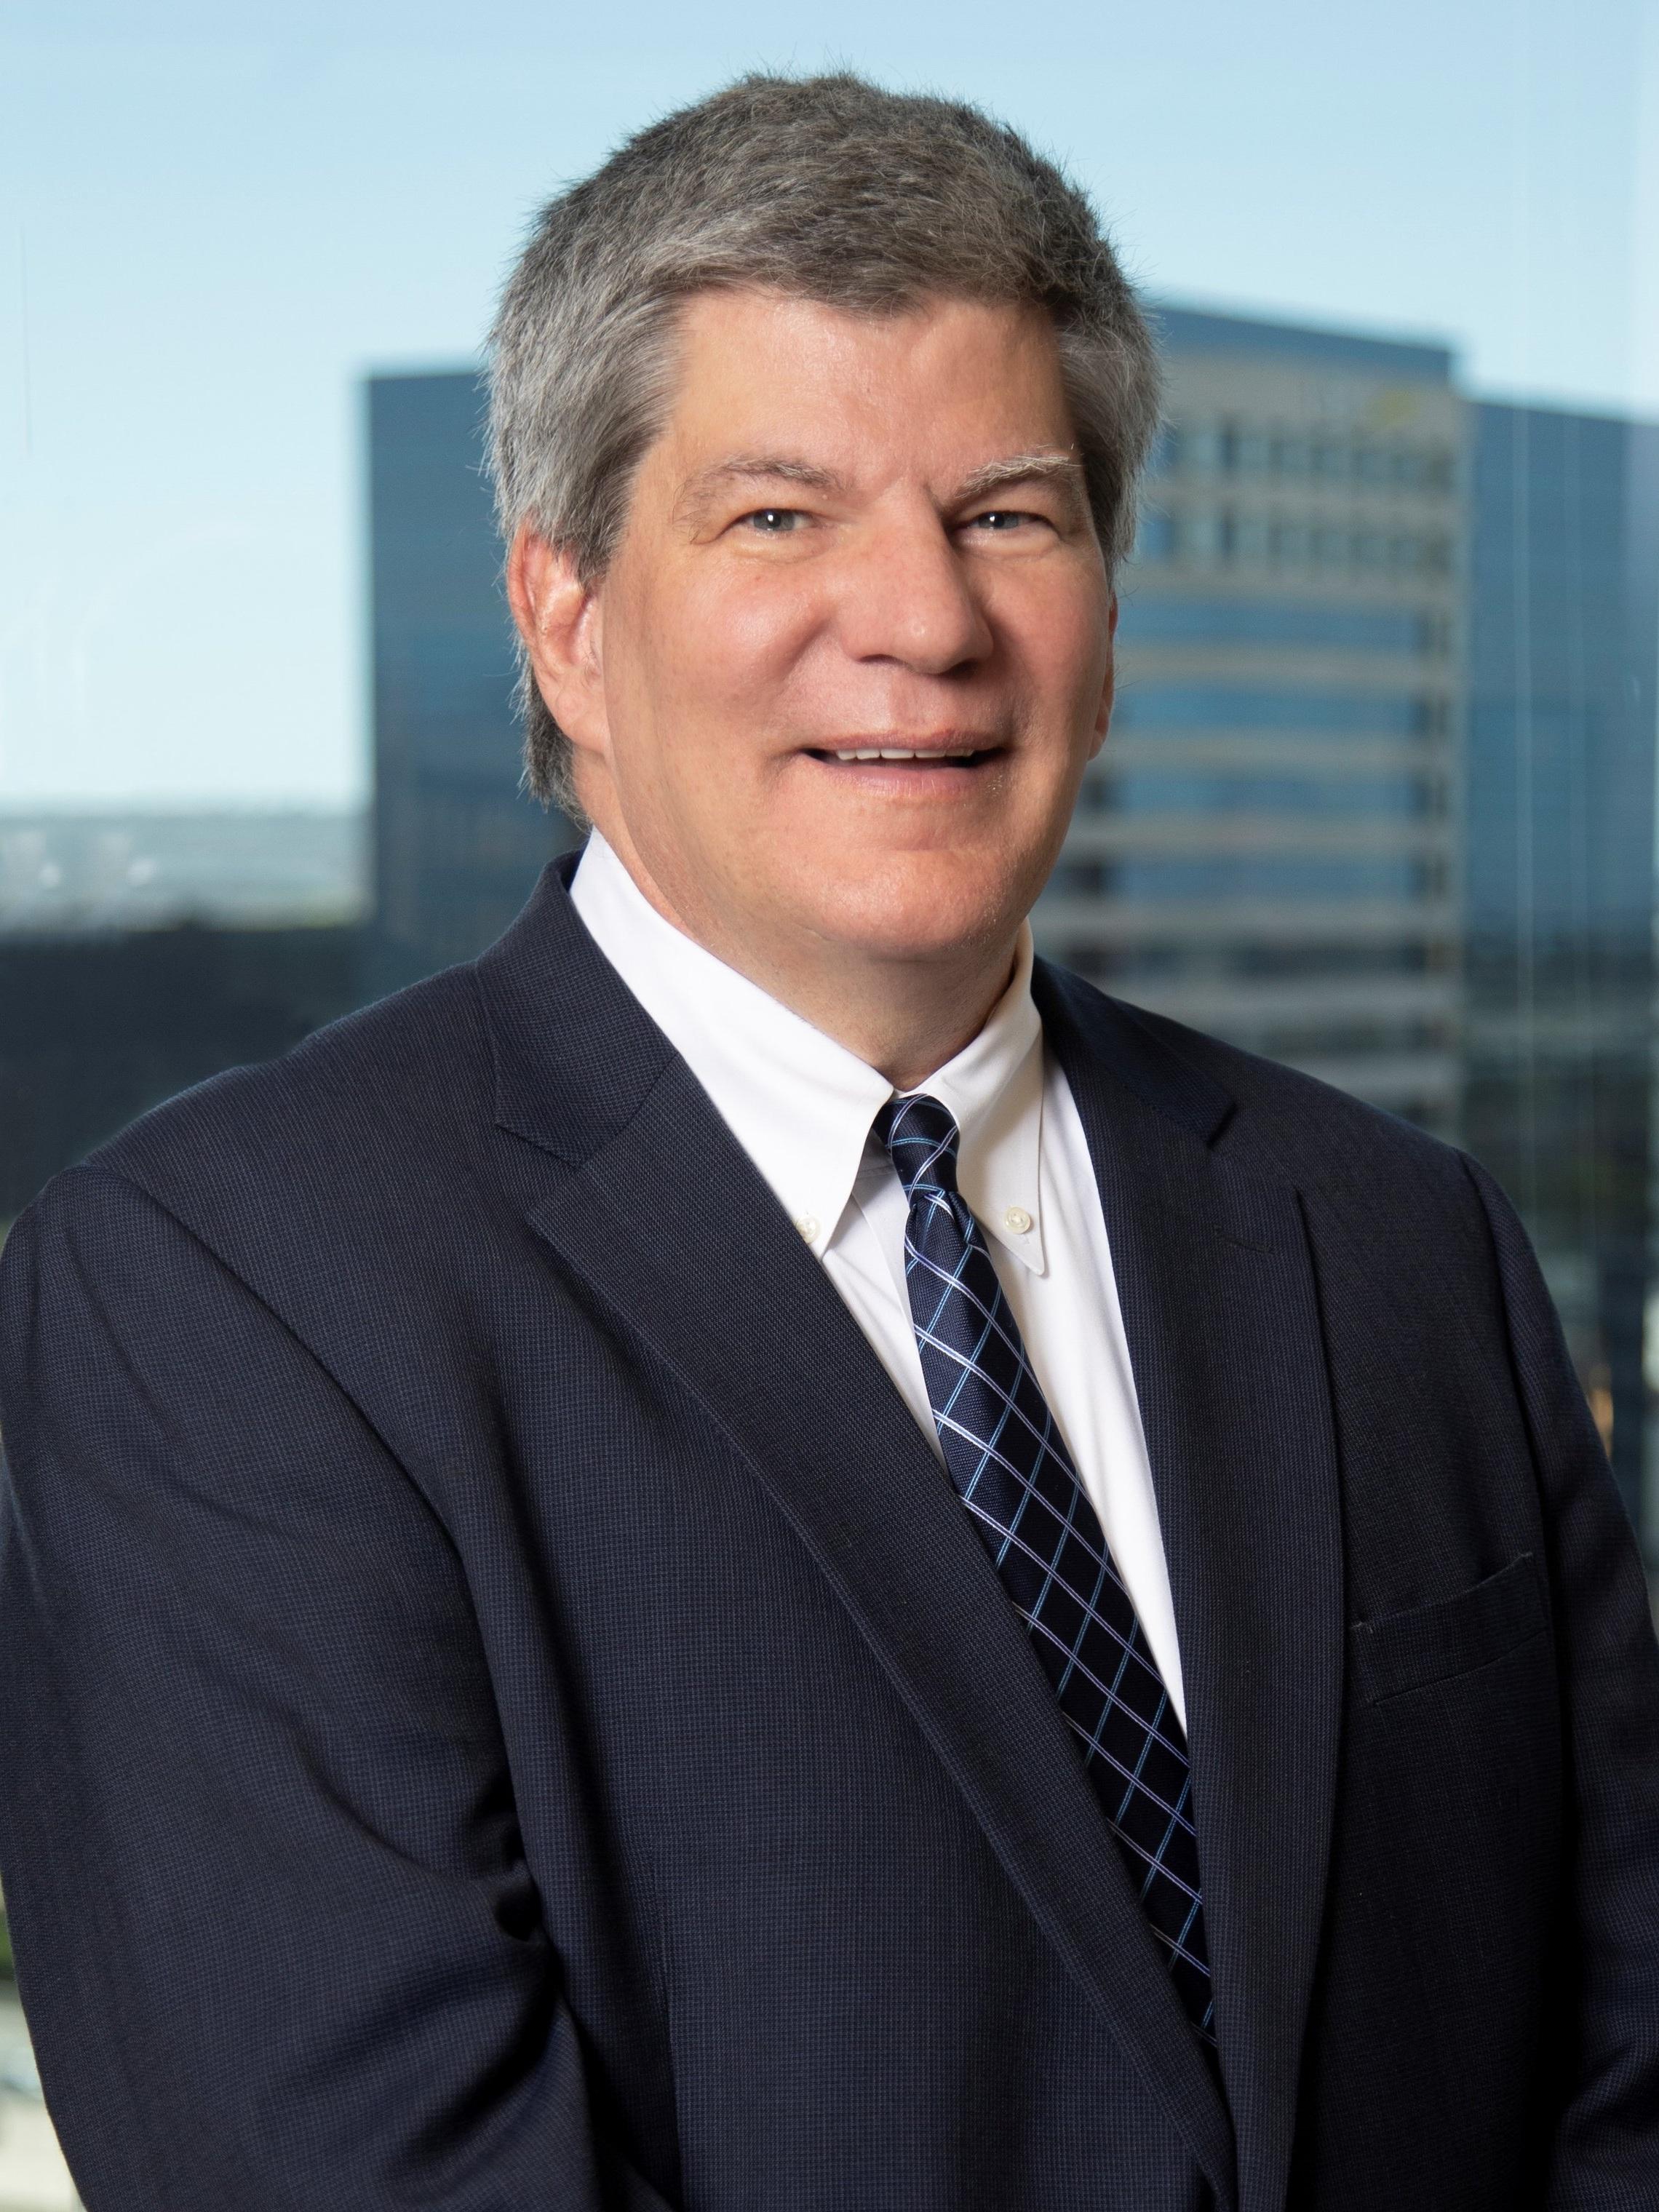 John-Medler-Orange-County-Personal-Injury-Lawyer.jpg